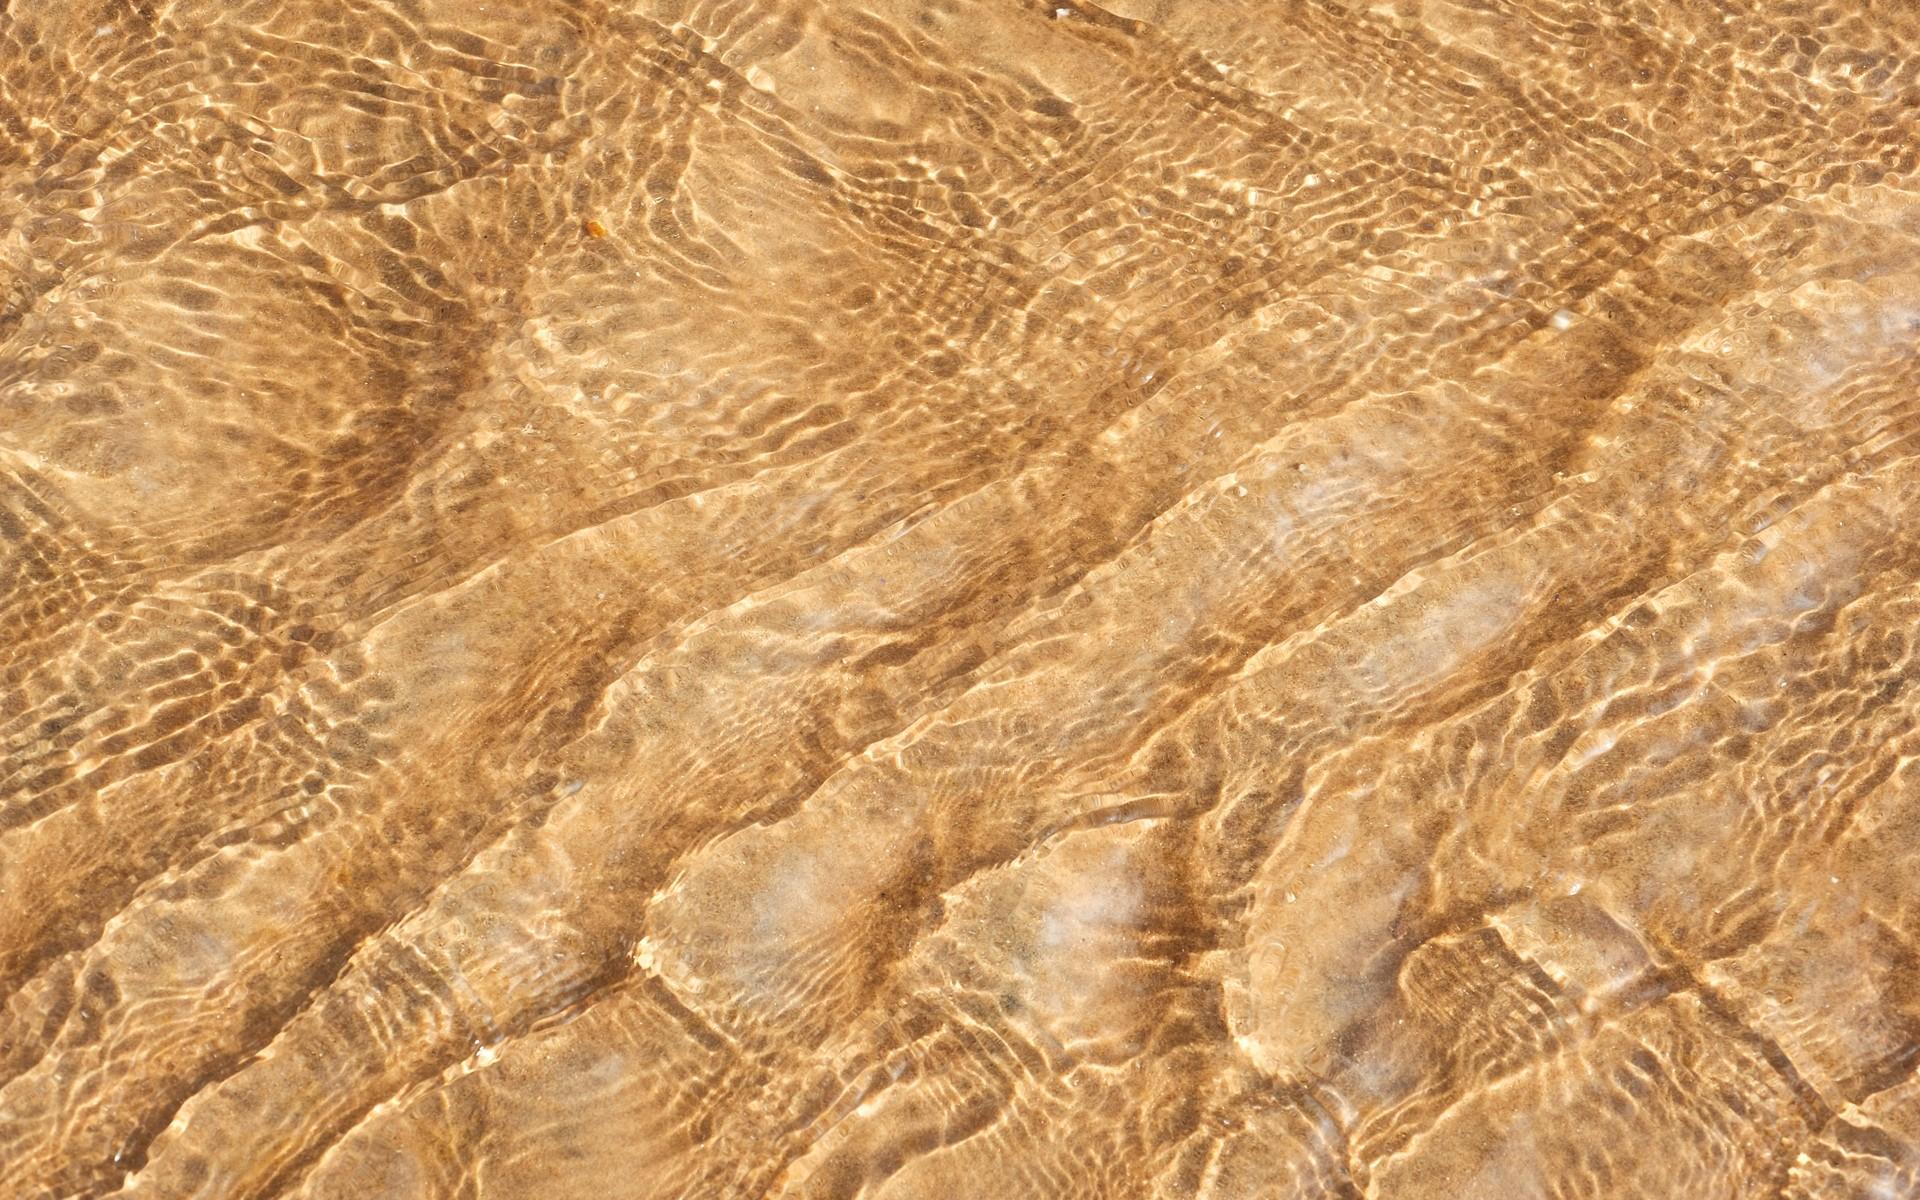 Textura de suelo - 1920x1200